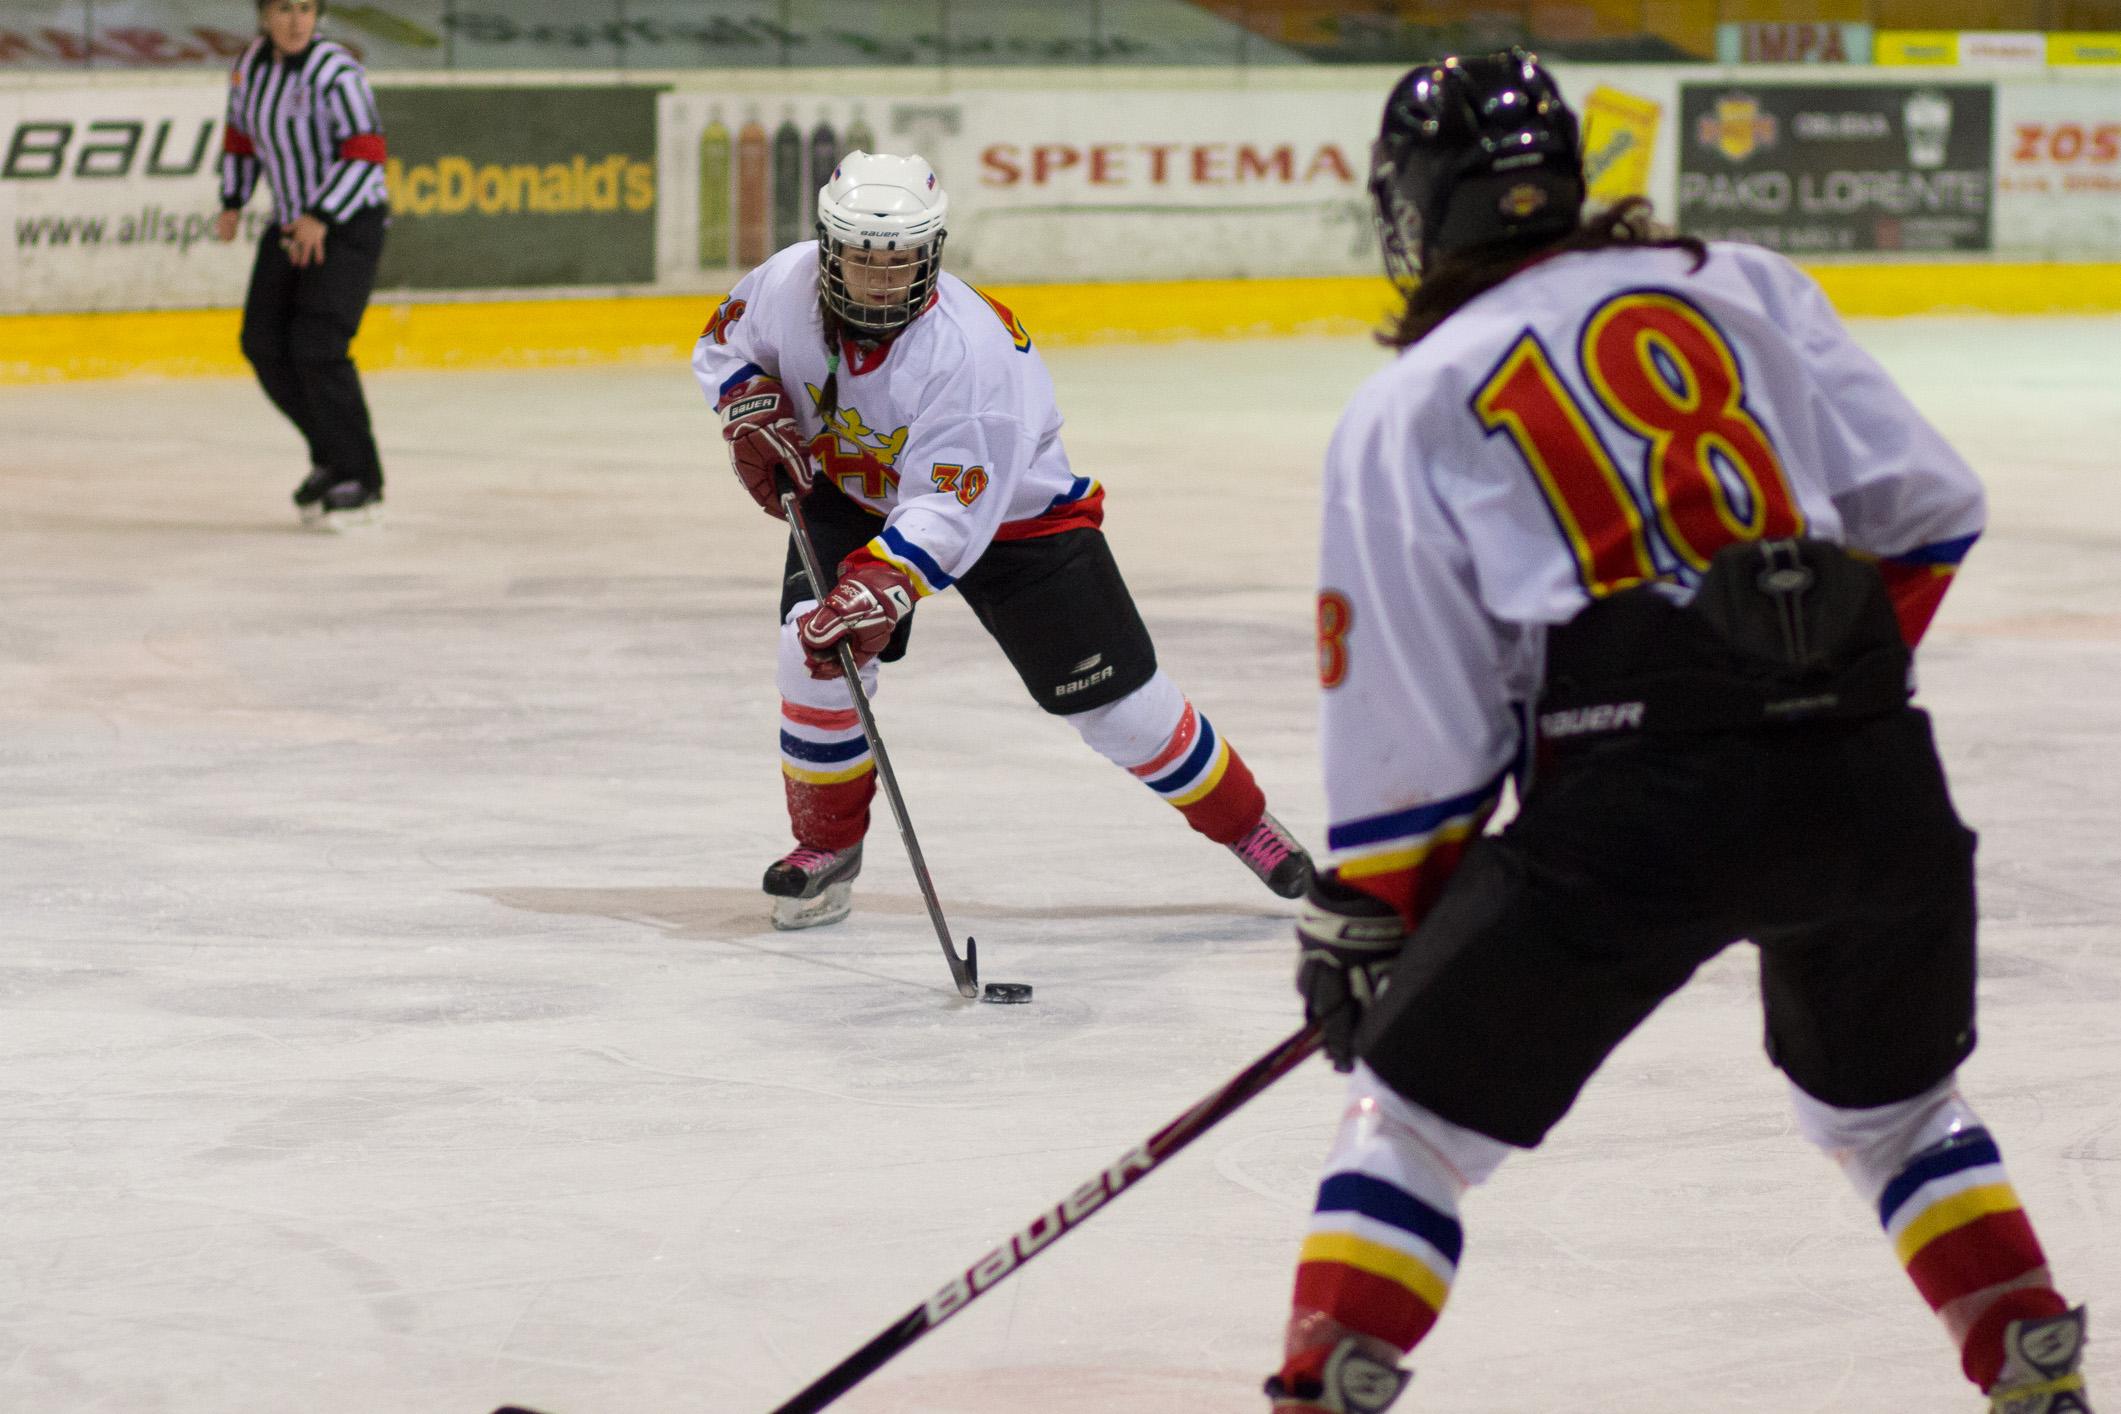 zhkm-zvolen-hc-topolcany-2013-hokej-15